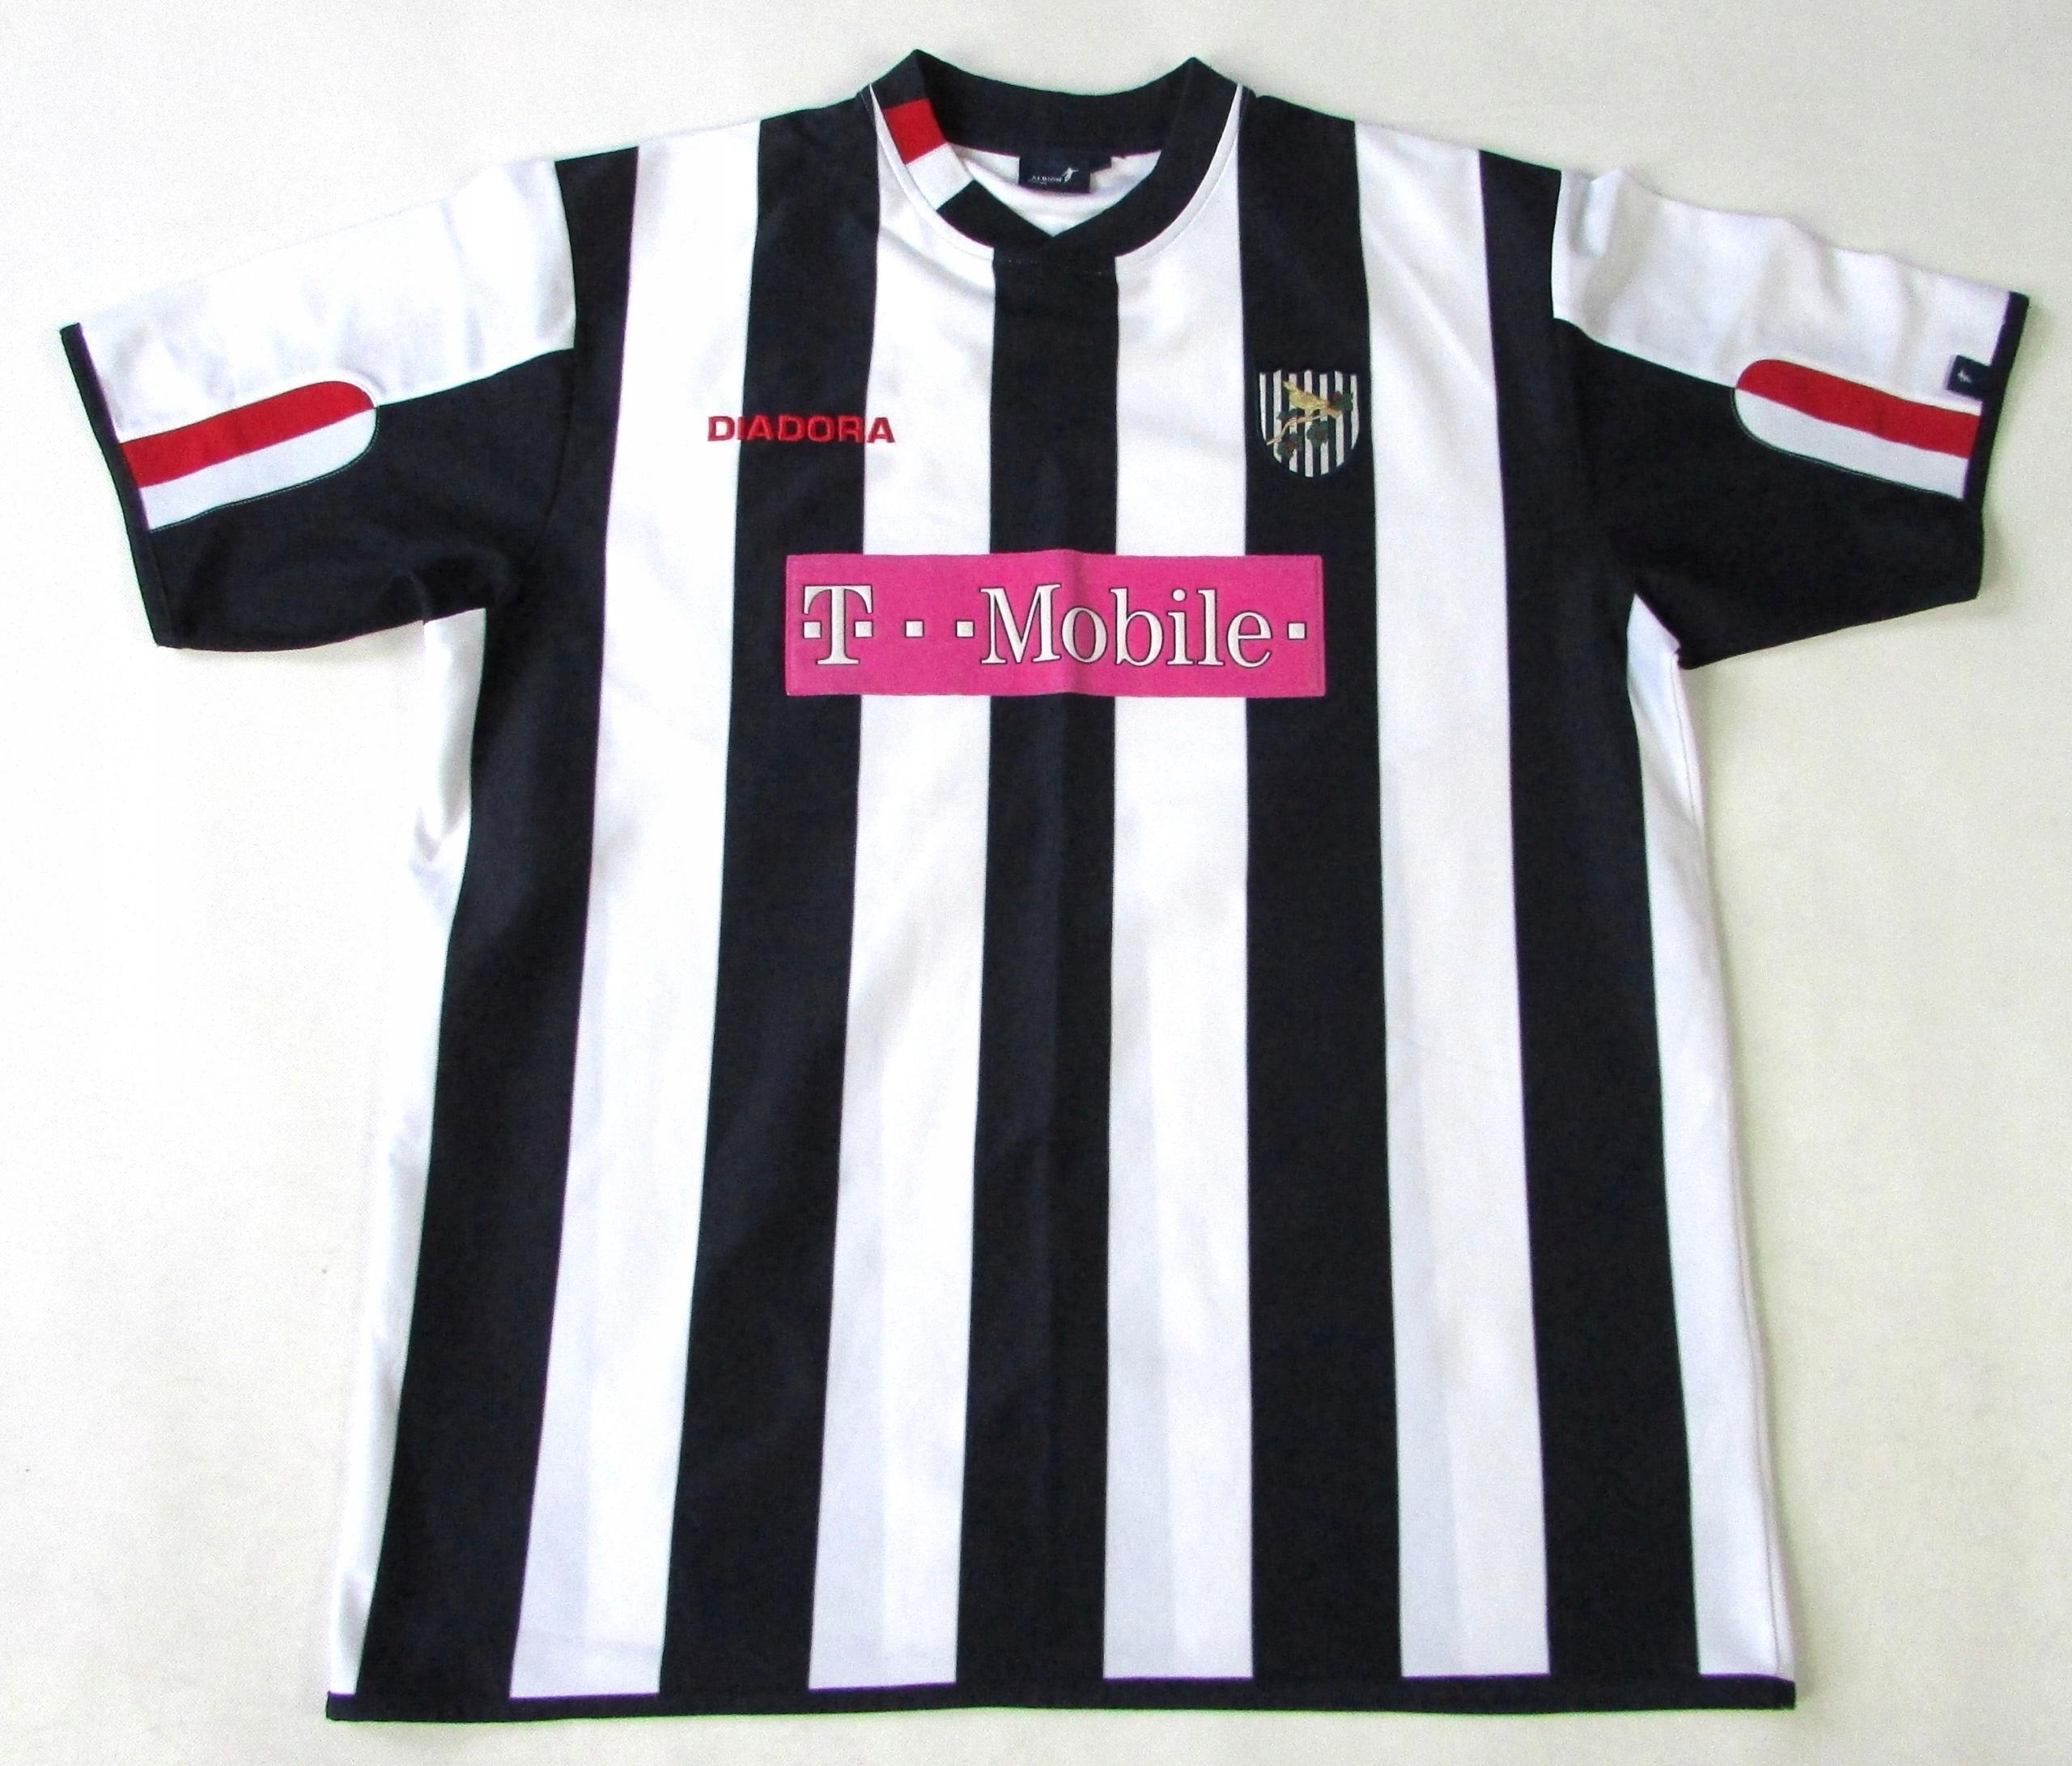 WEST BROMWICH ALBION__Oficjalna koszulka_2004/05